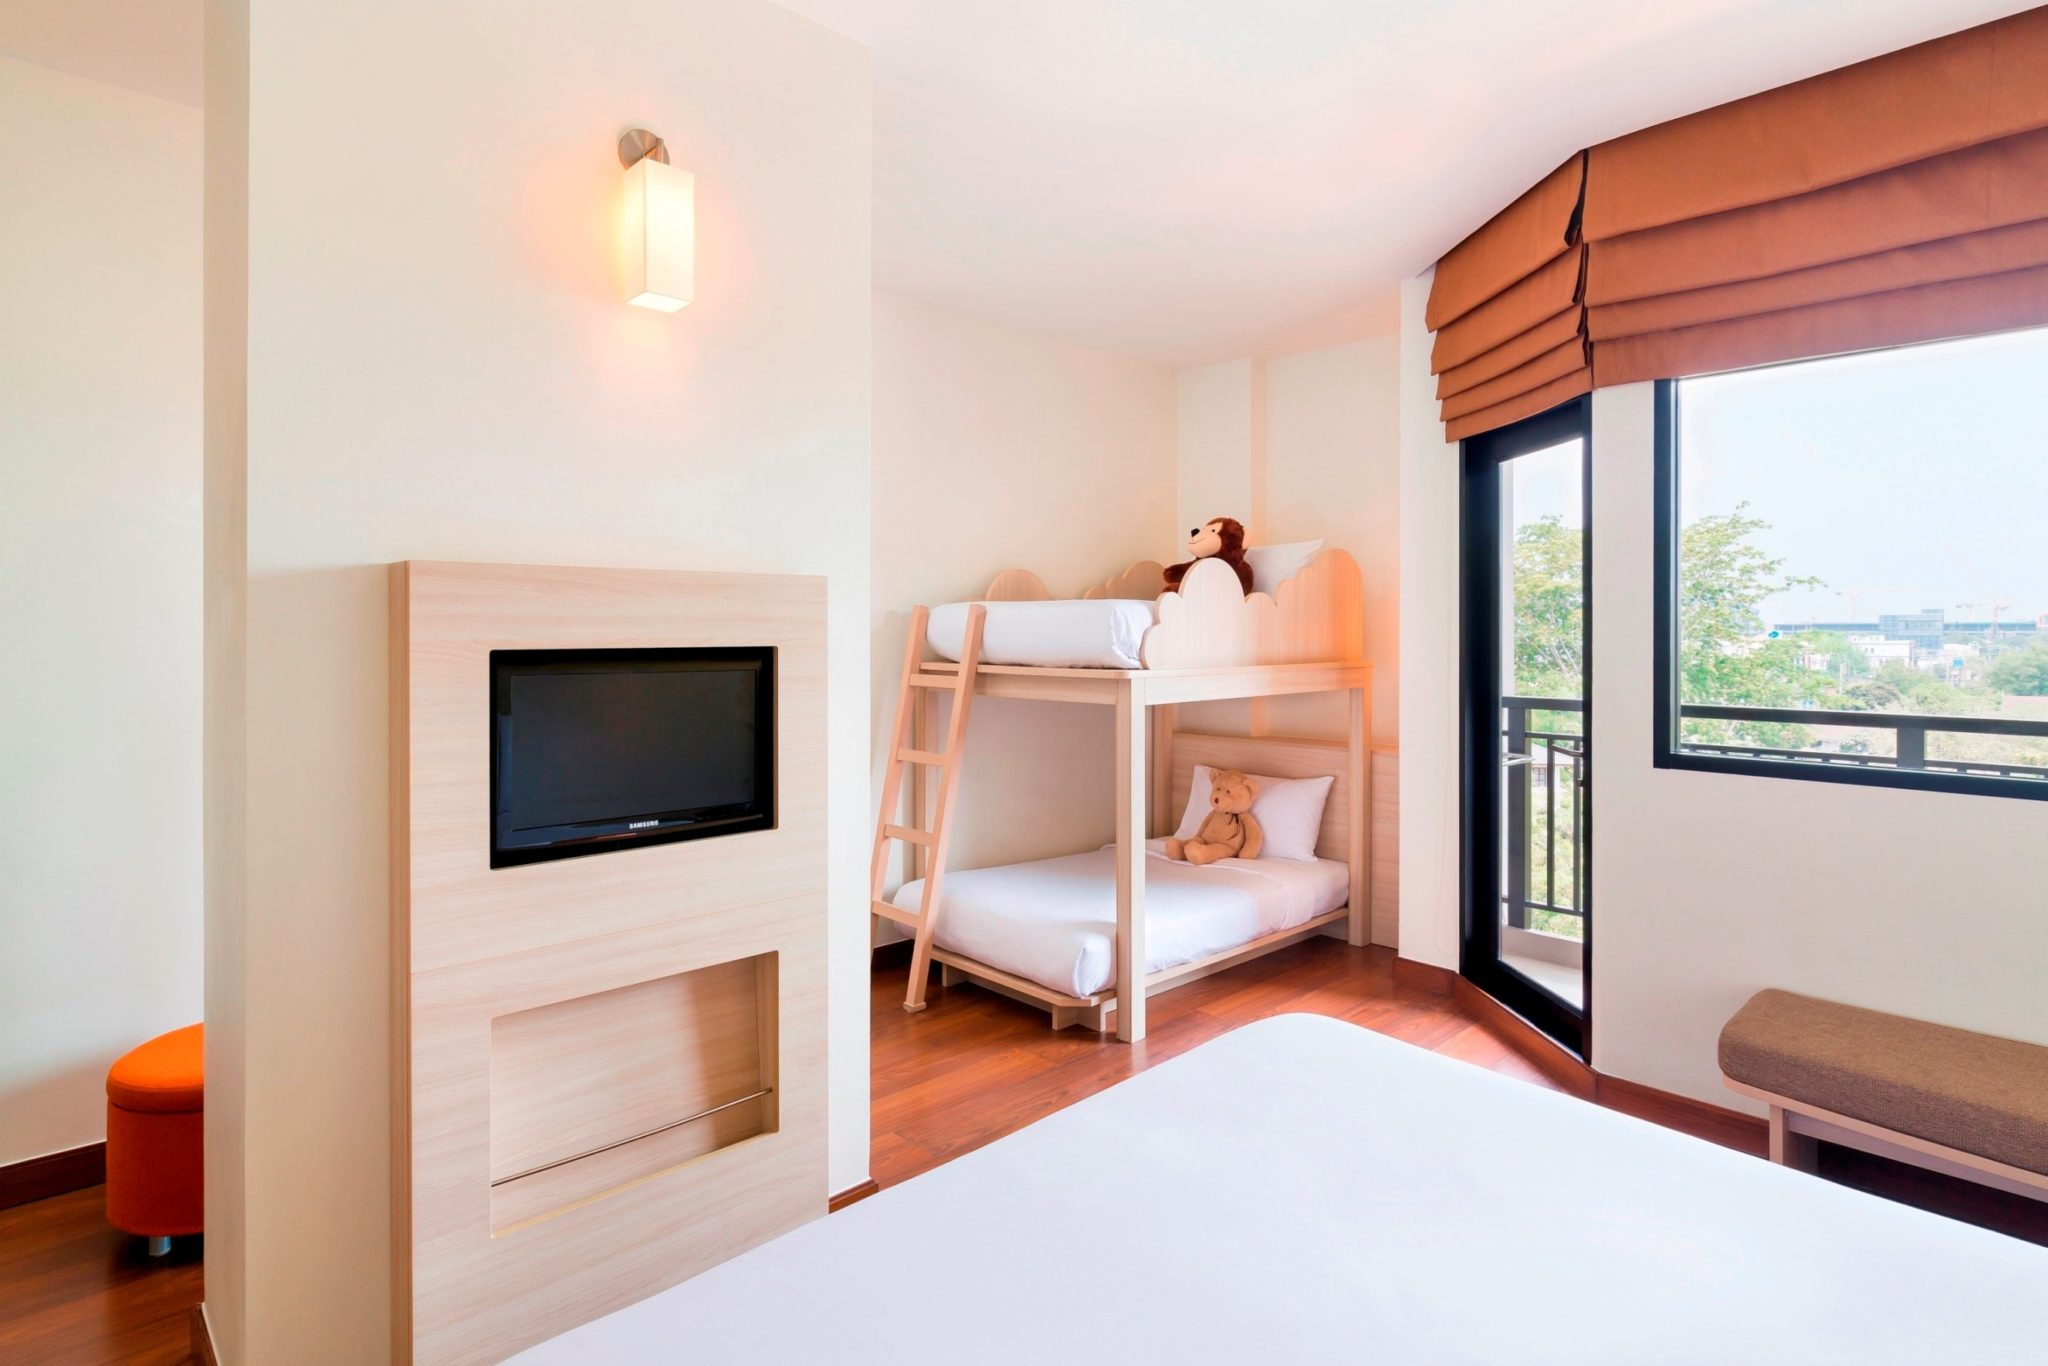 แพ็คเกจห้องแฟมิลี่ราคาพิเศษ ที่โรงแรมไอบิส เอราวัณ ประเทศไทย 2 -